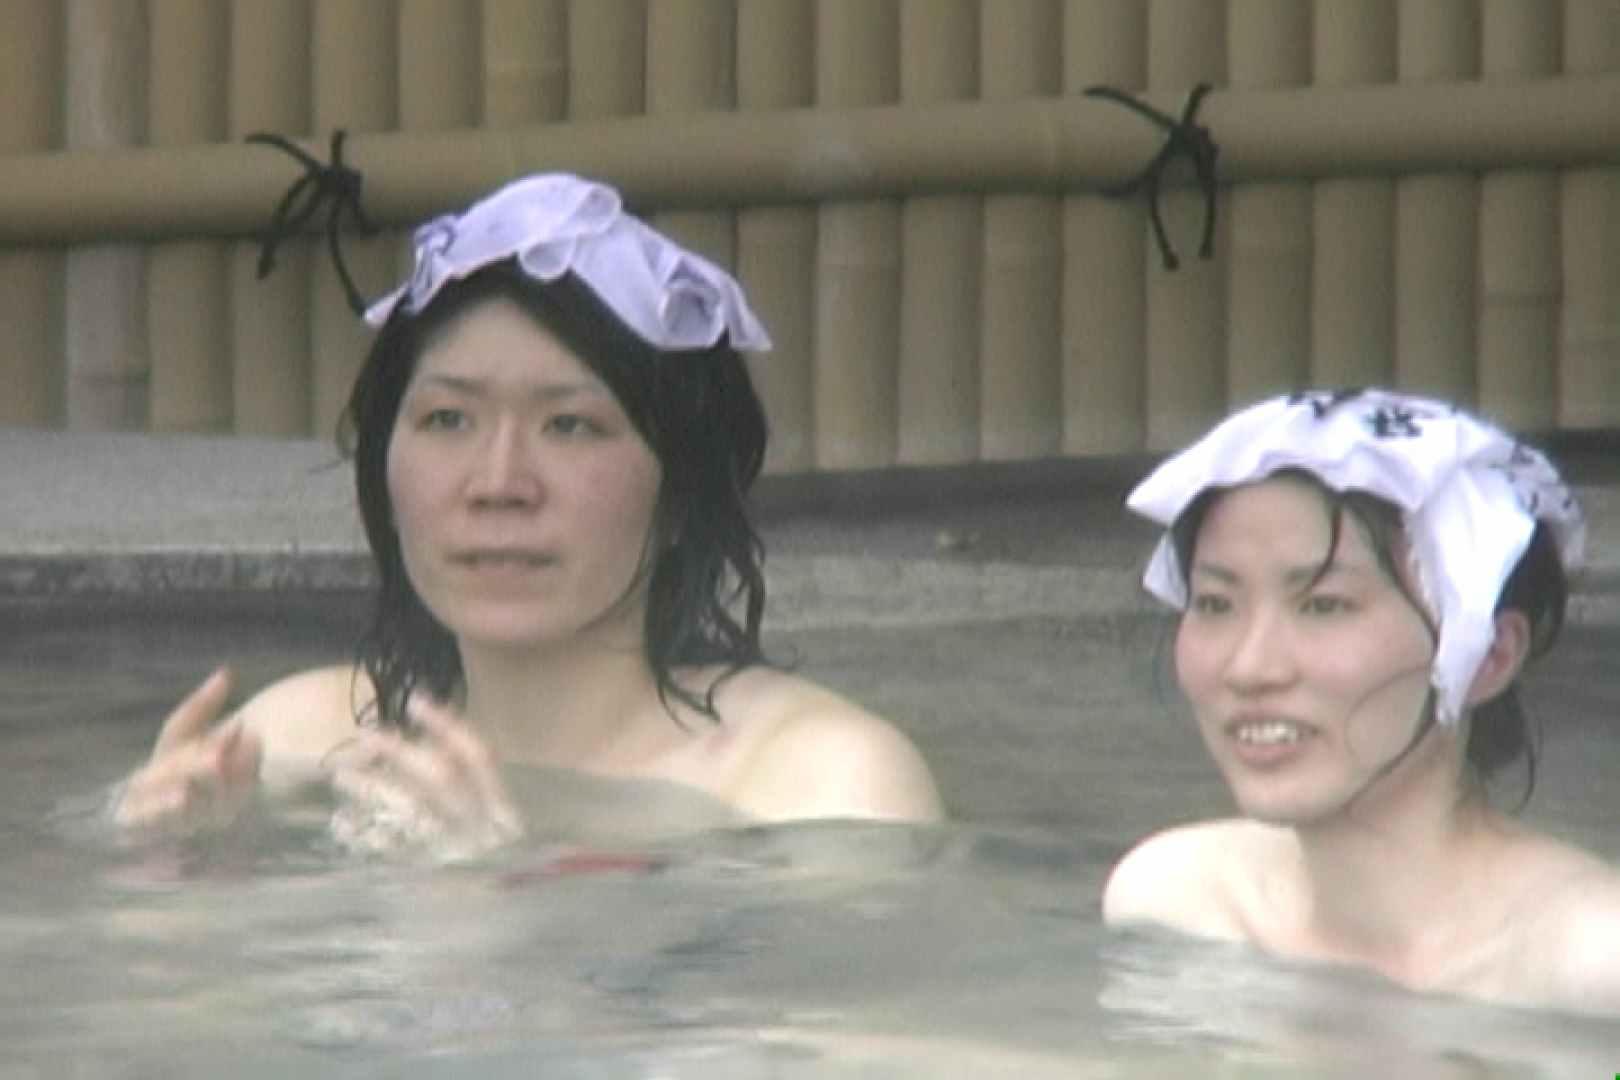 高画質露天女風呂観察 vol.013 乙女のカラダ   OLのプライベート  11pic 1